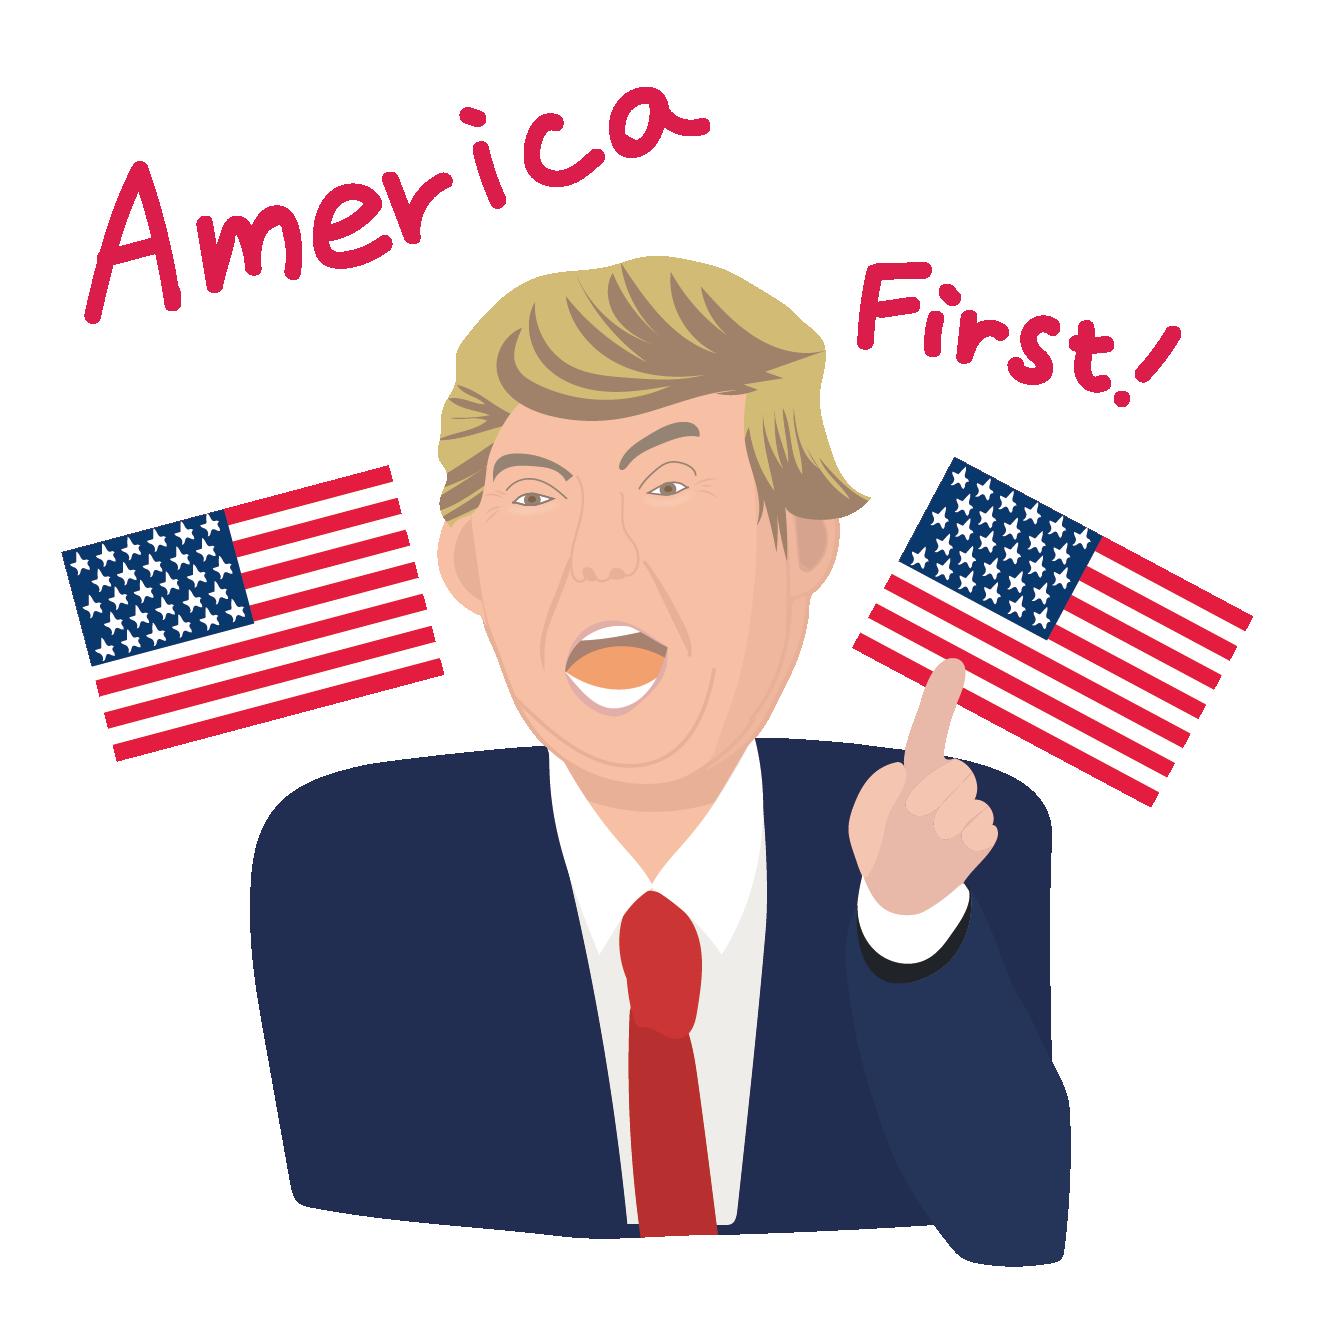 アメリカ大統領のイラストアメリカ ファーストamerica First